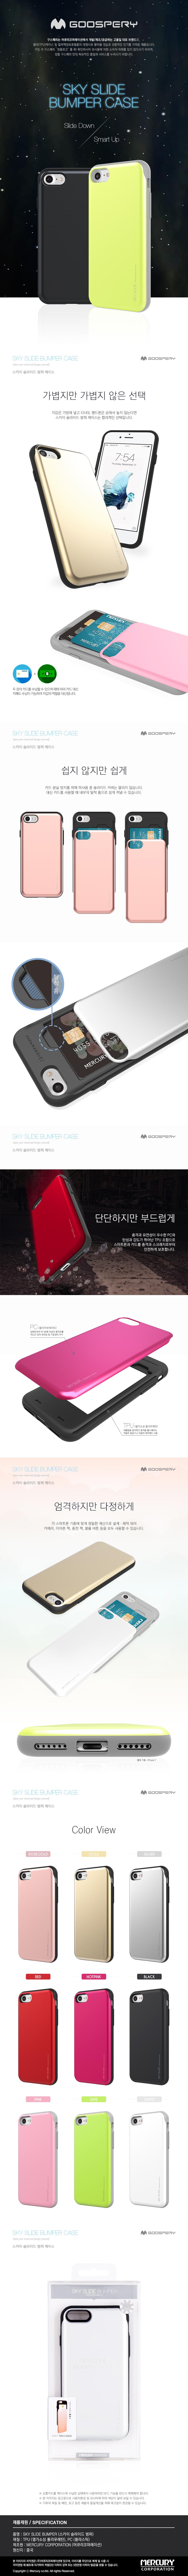 DS(폰플러스)머큐리 스카이슬라이드 범퍼케이스-아이폰7플러스